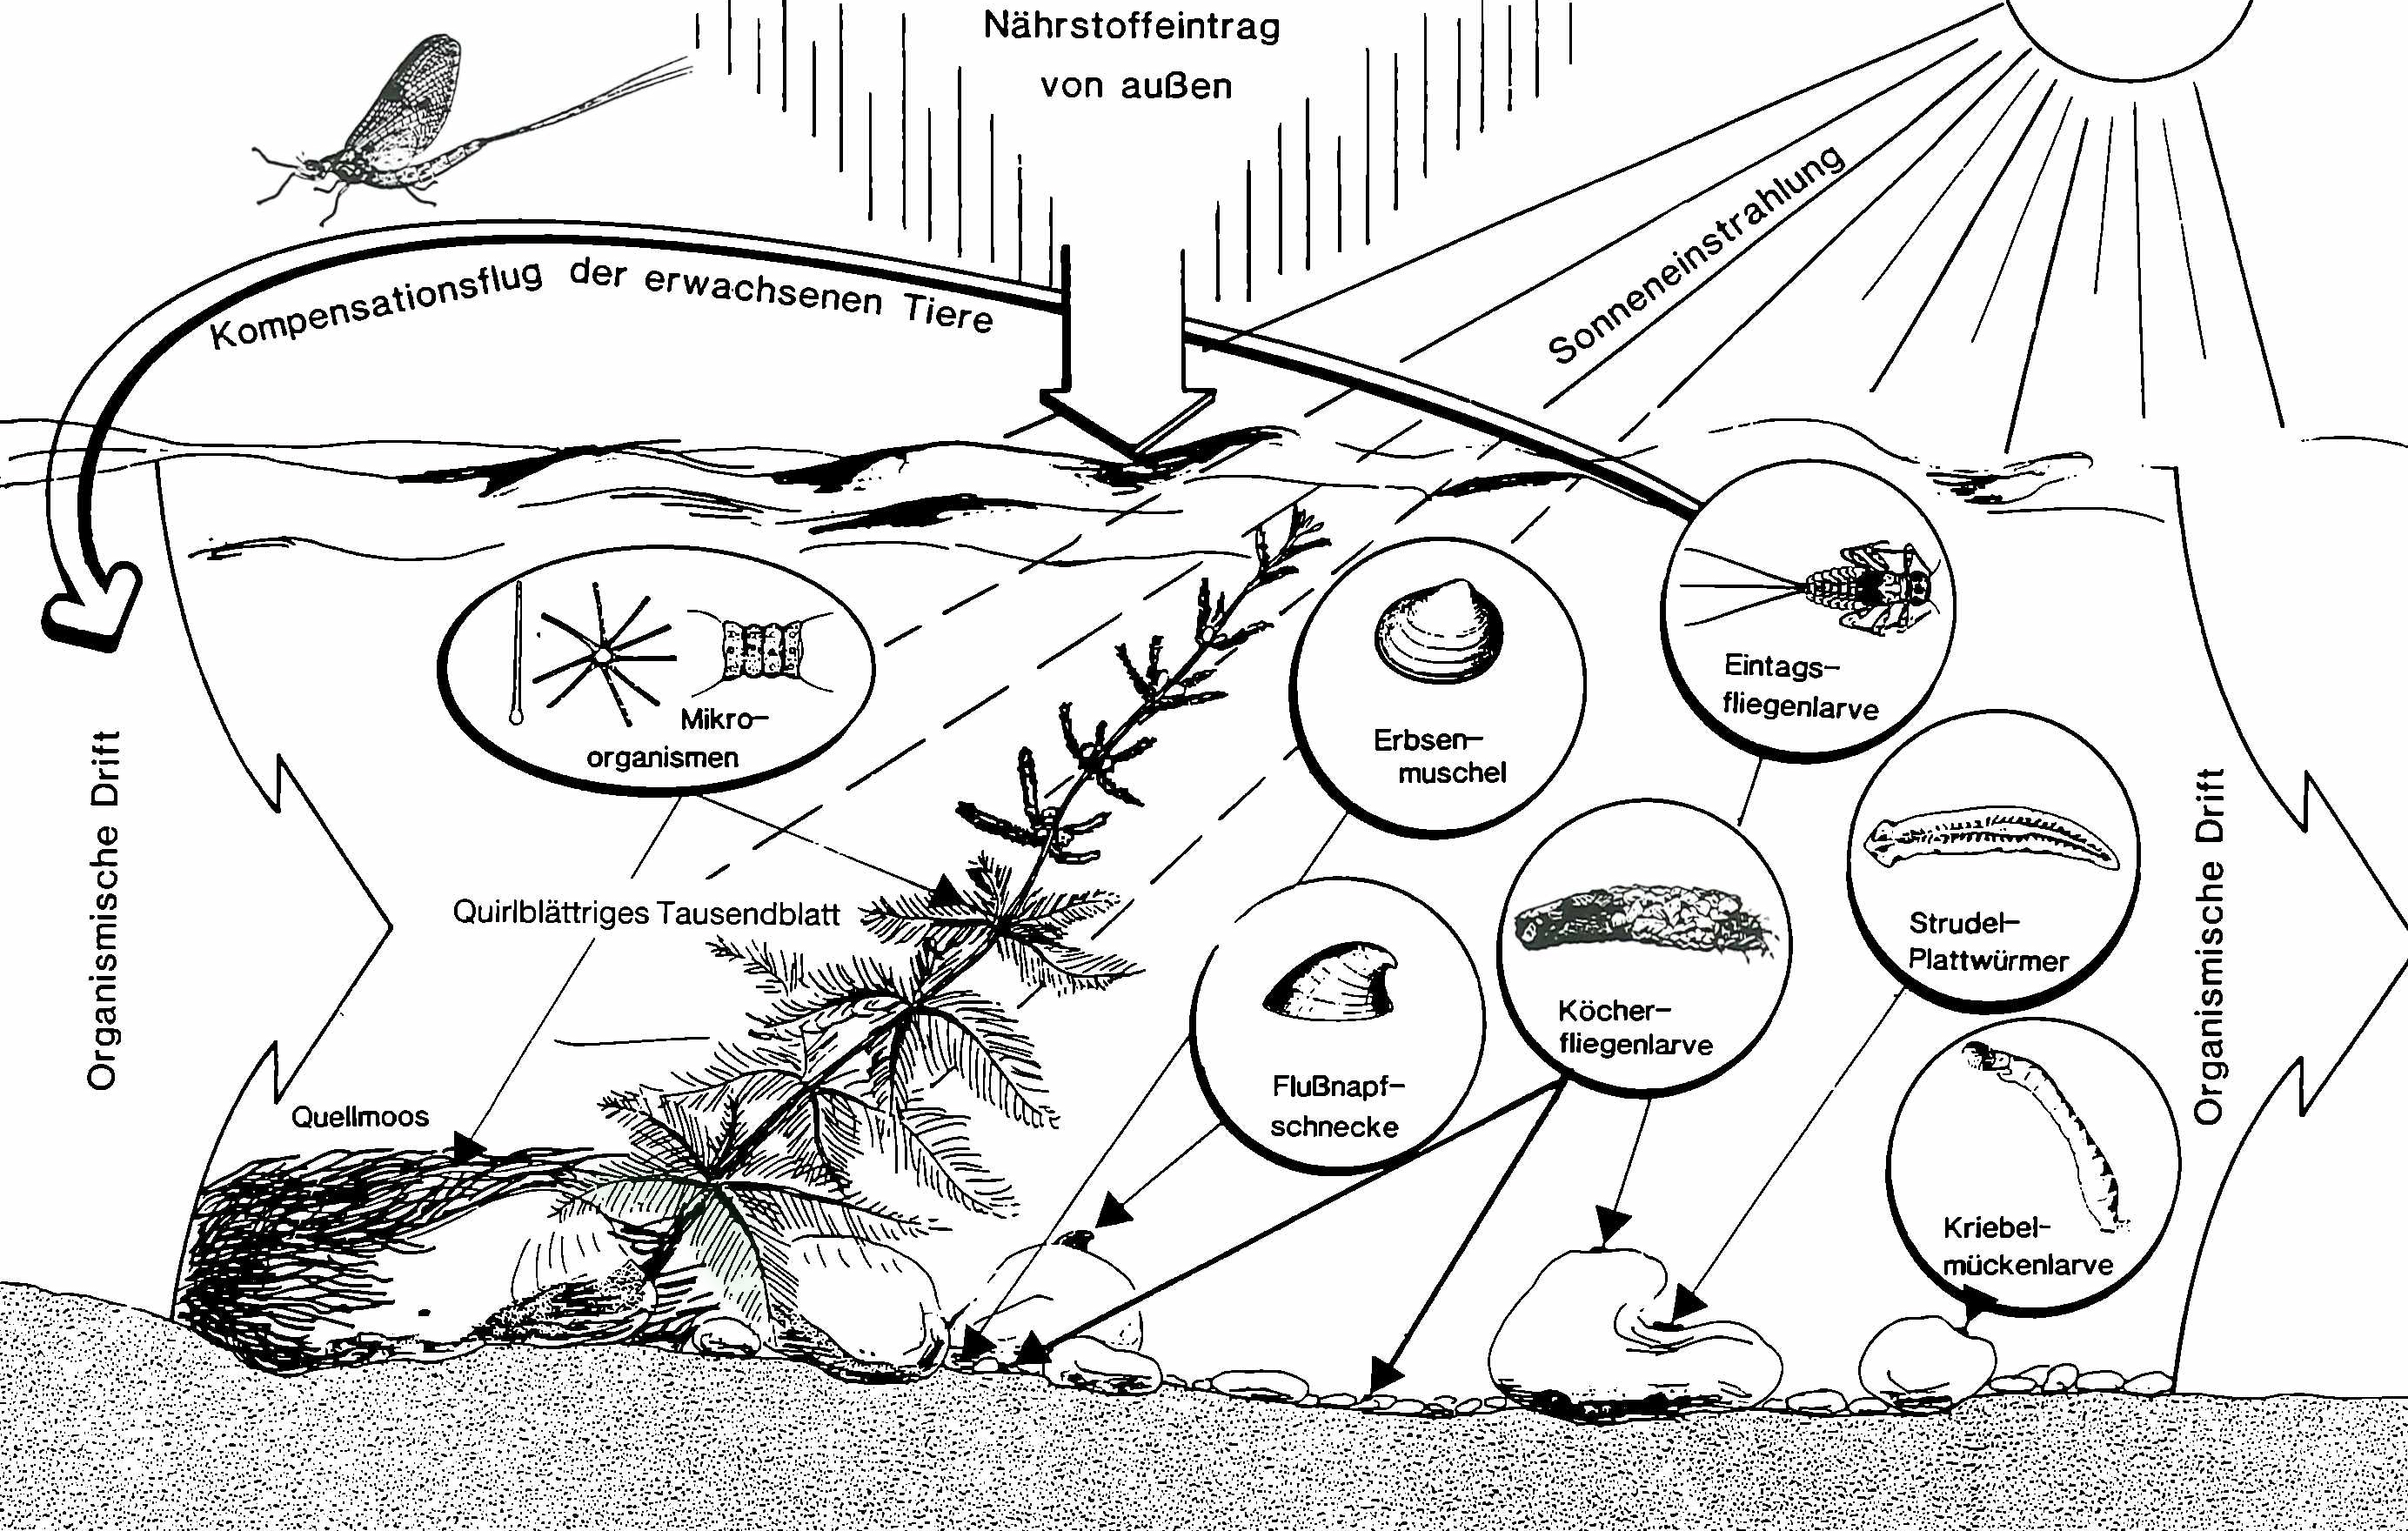 Stoff- und Nahrungsangebot in einem Fließgewässer (aus Dick, G.(1990): Fließgewässer Ökologie und Güte - verstehen und bestimmen. Hrsg.: Verein für Ökologie und Umweltforschung, Wien)